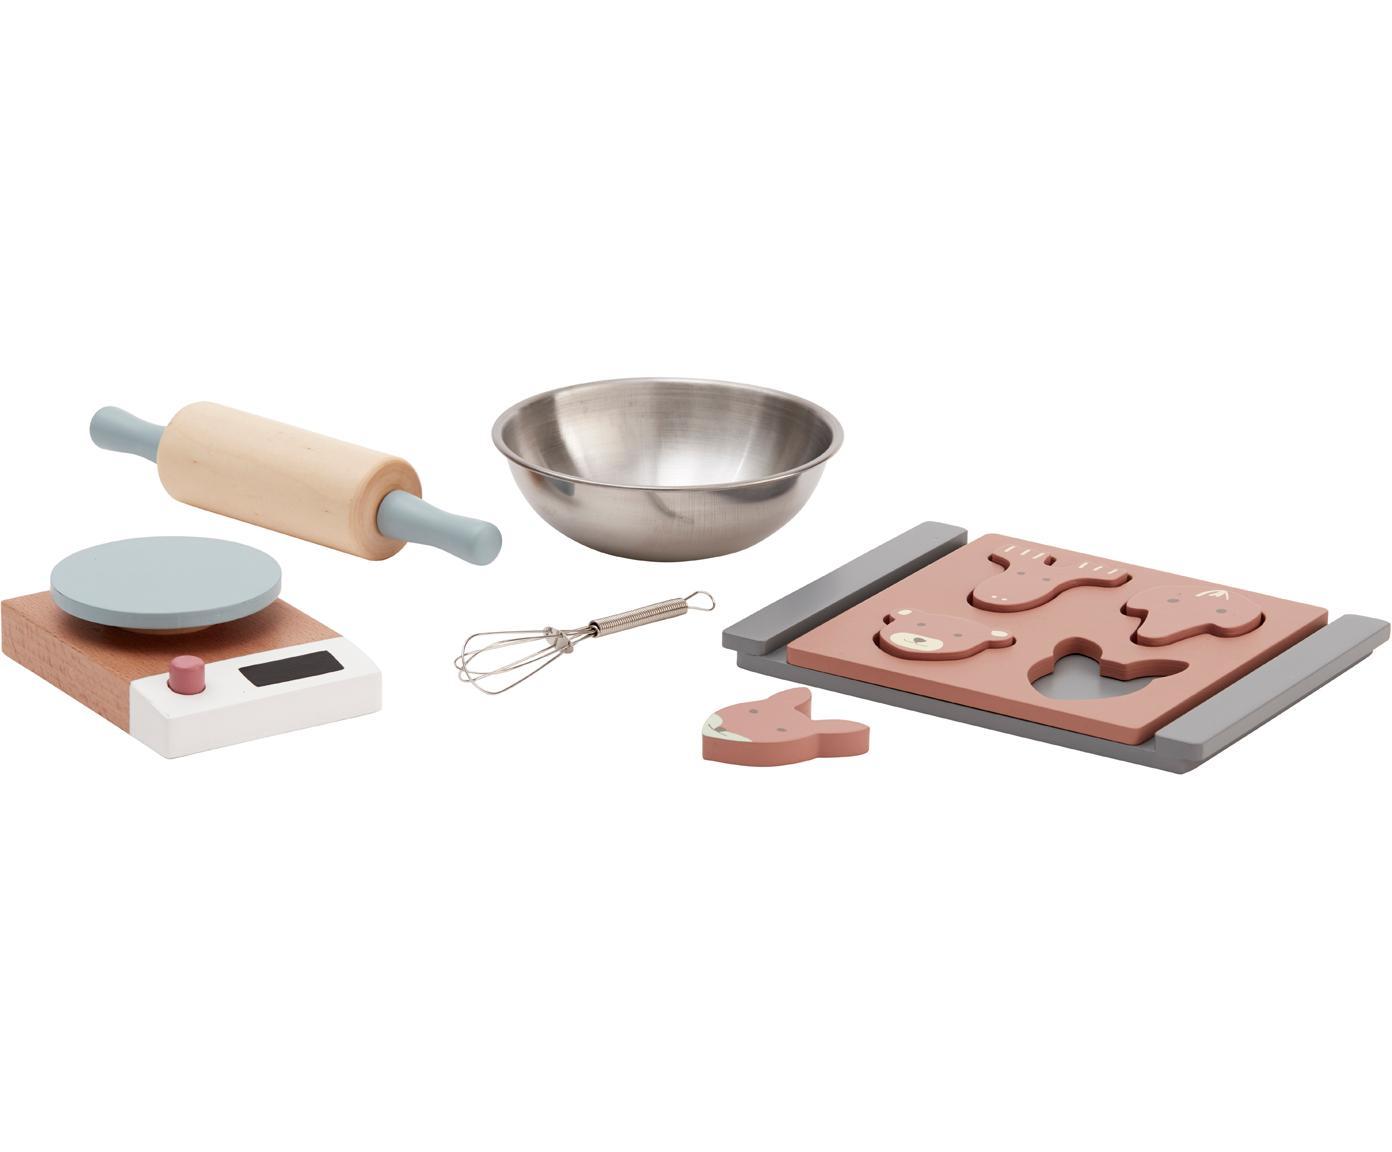 Spielzeug-Set Bakes, Holz, Mehrfarbig, 14 x 19 cm